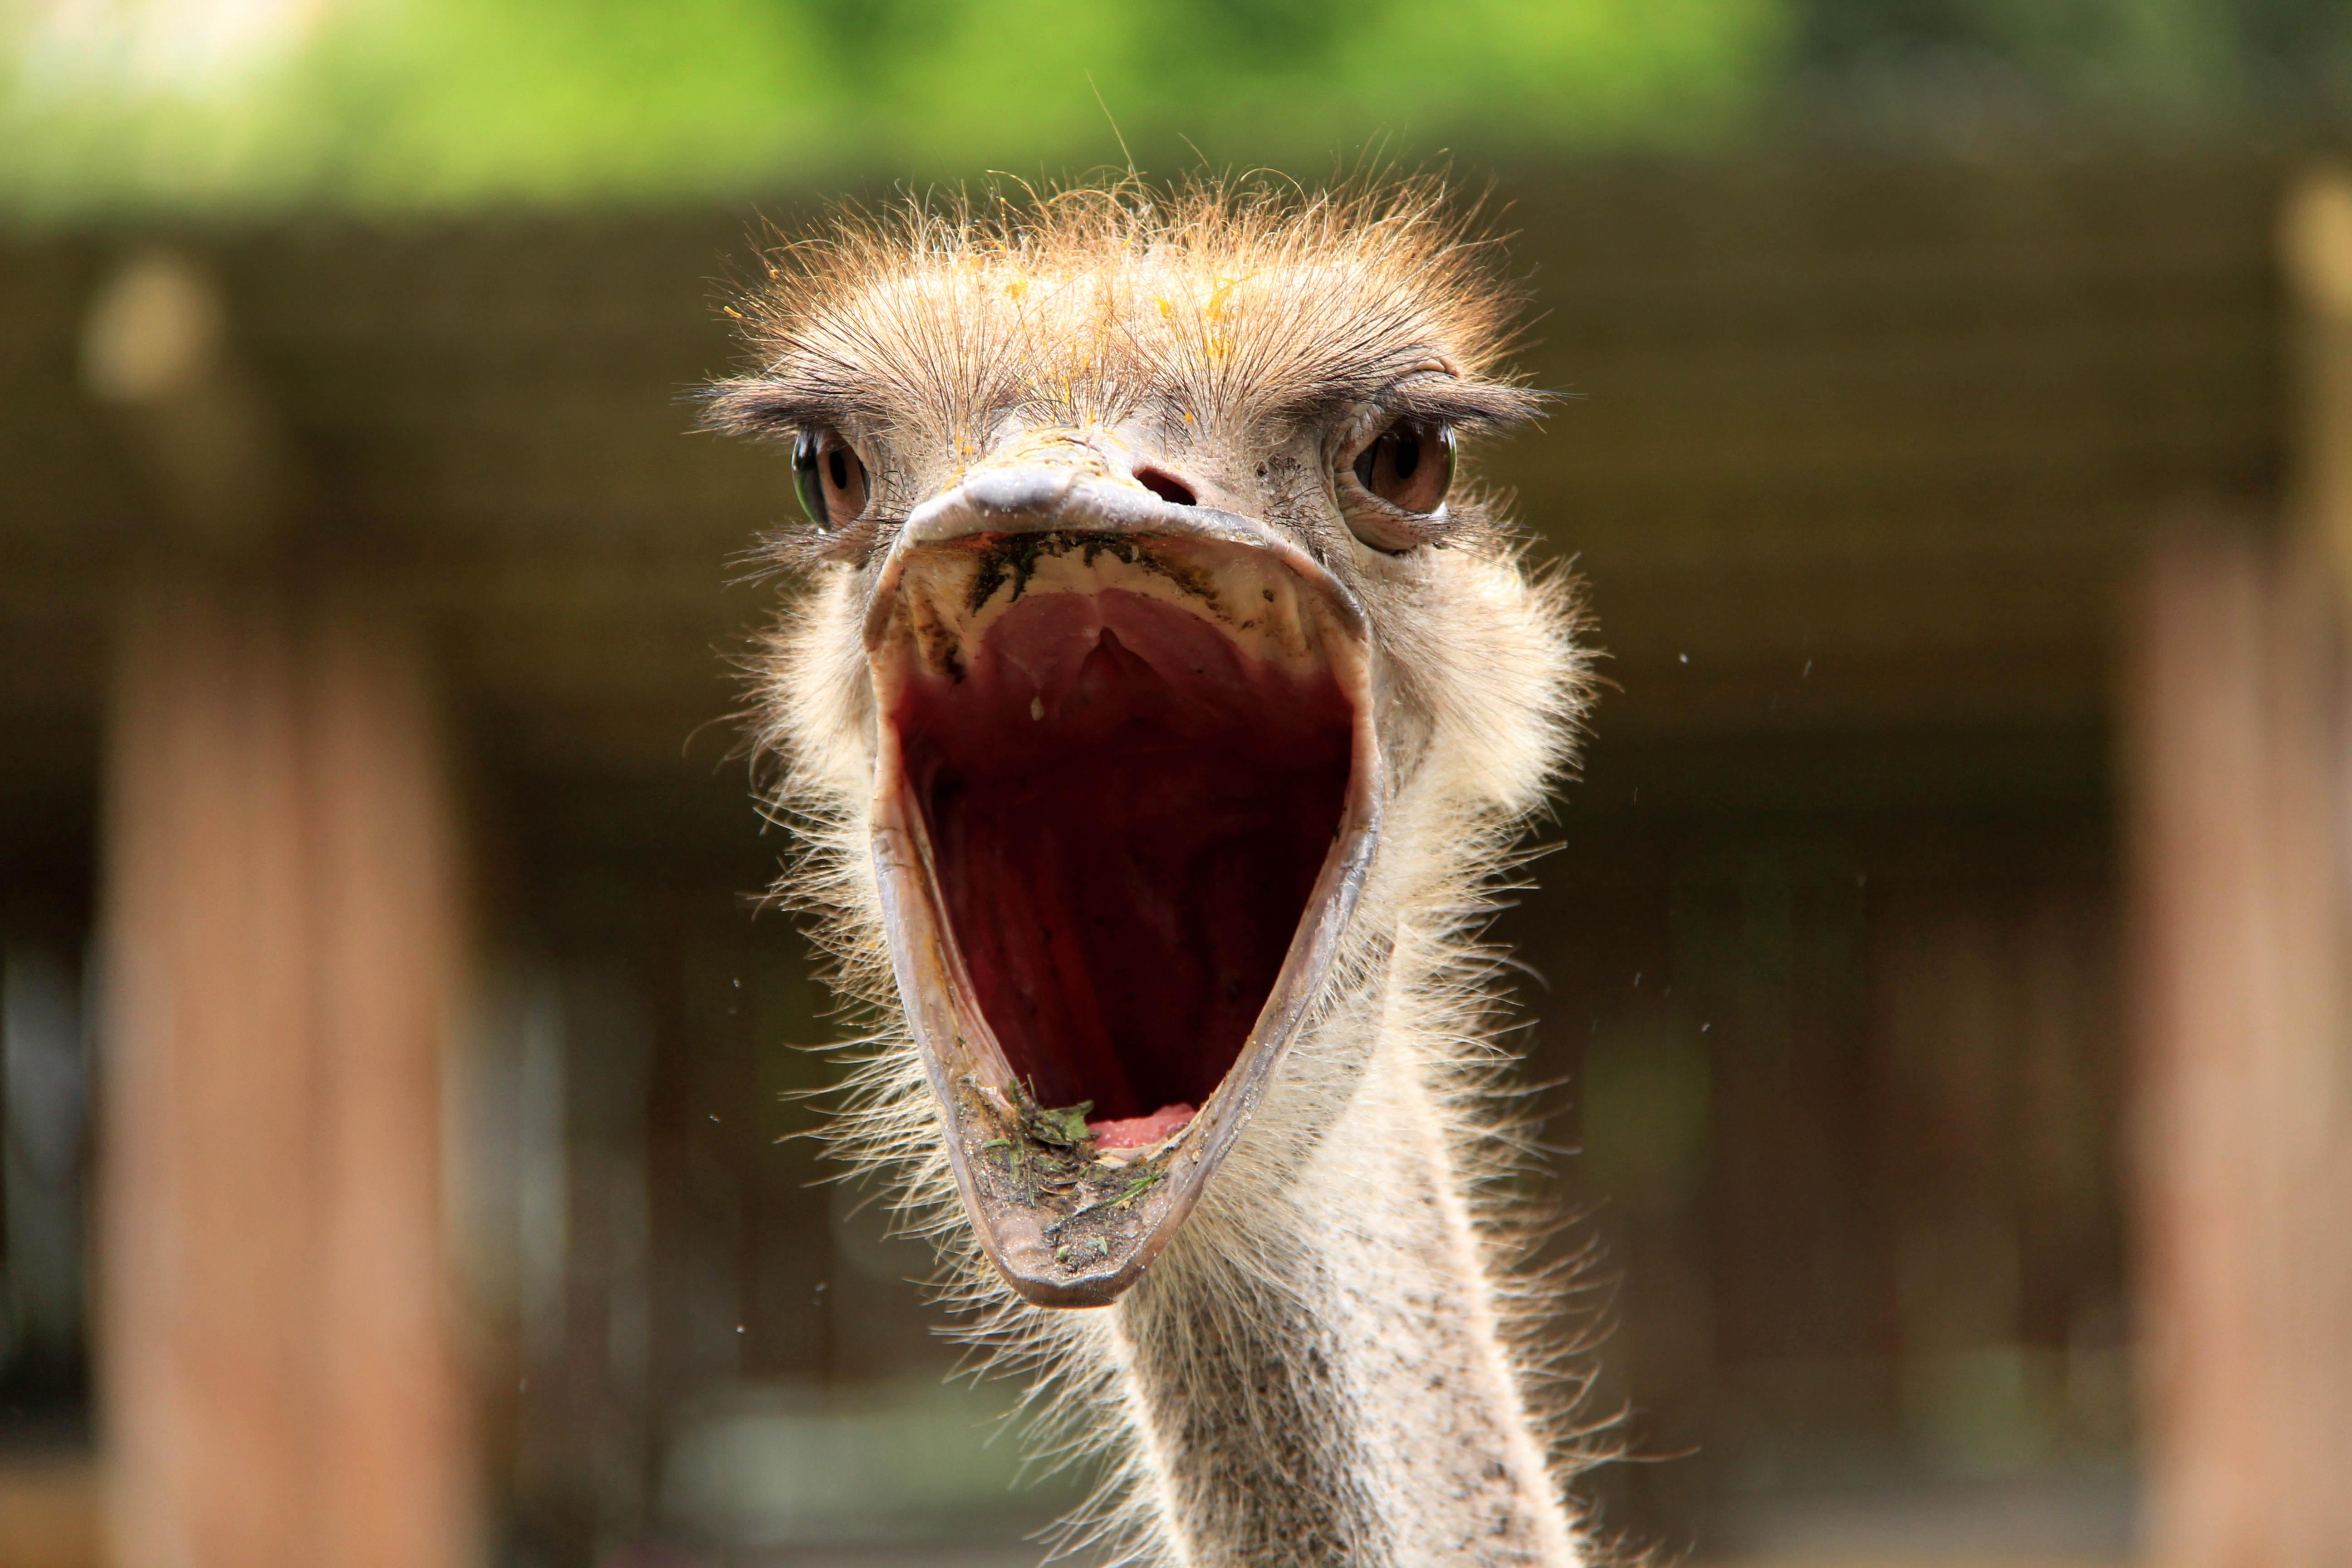 Картинка птенчика с открытым ртом